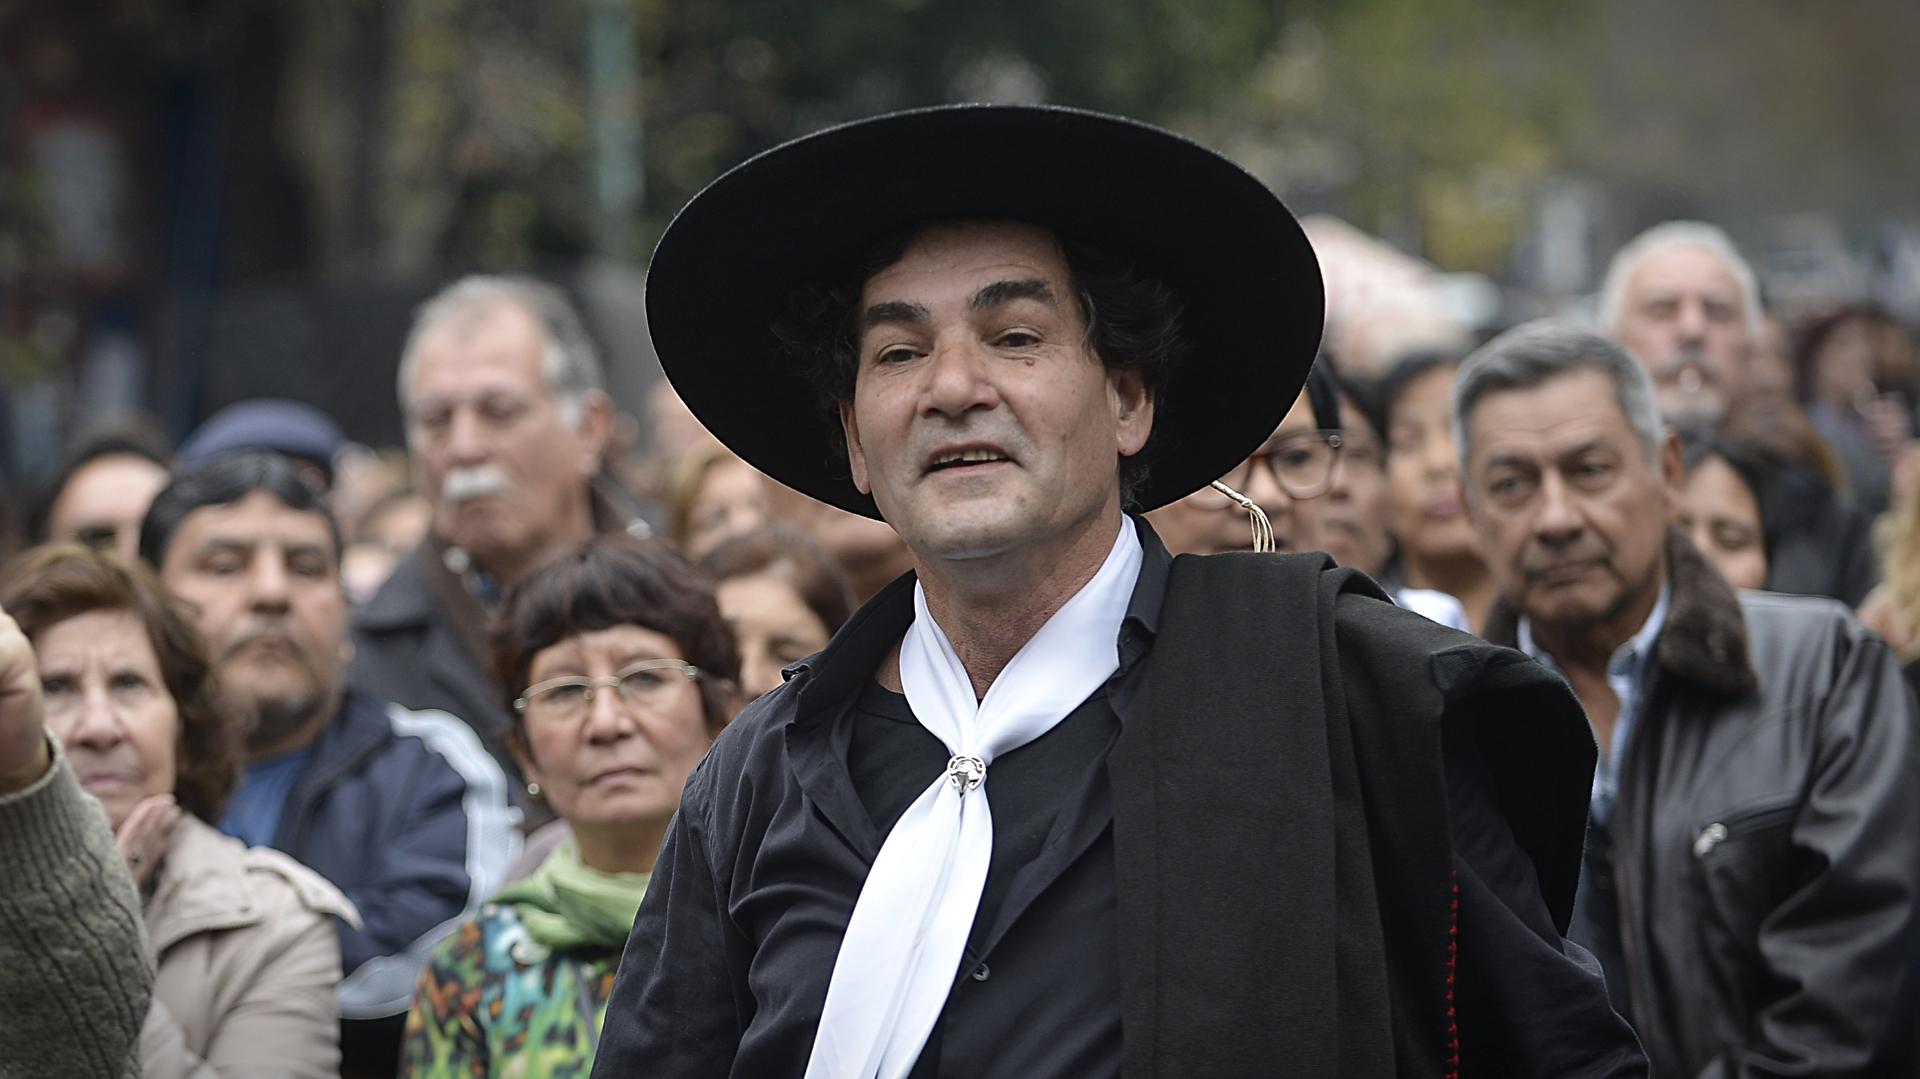 Hombres y mujeres fueron vestidoscon trajes tradicionales